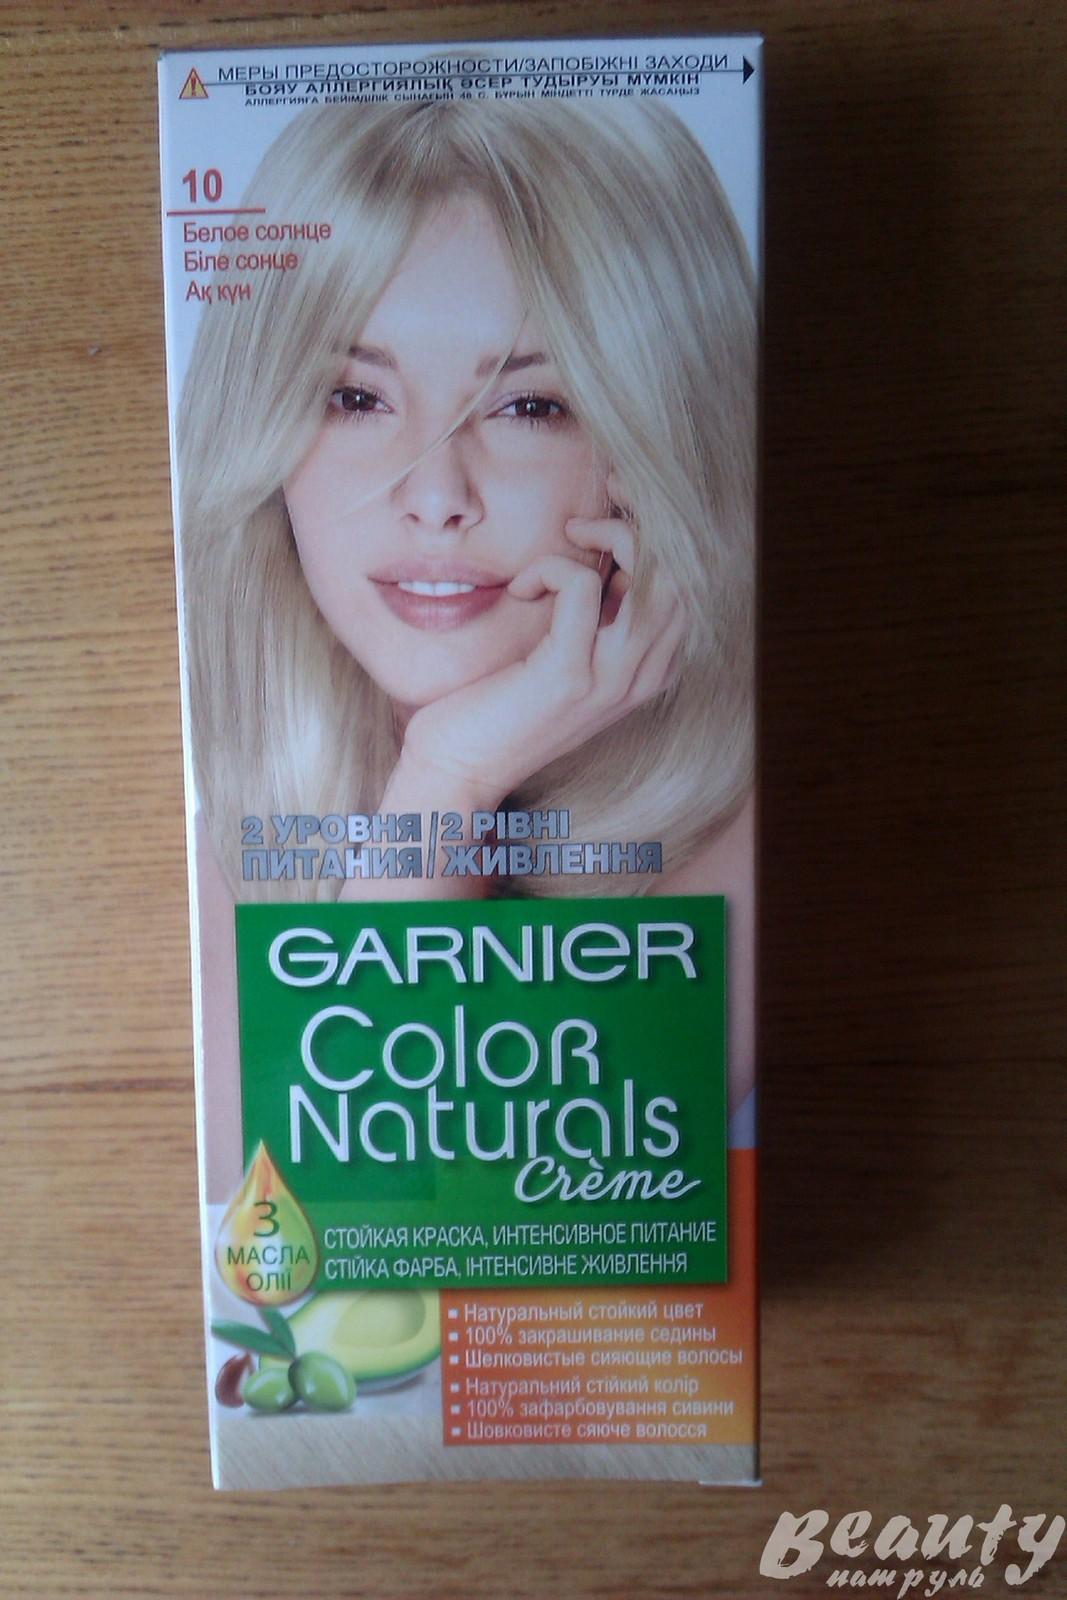 Garnier Color Naturals оттенок 10 БЕЛОЕ СОЛНЦЕ очень натуральный и ... 2a2a93e5e9d38